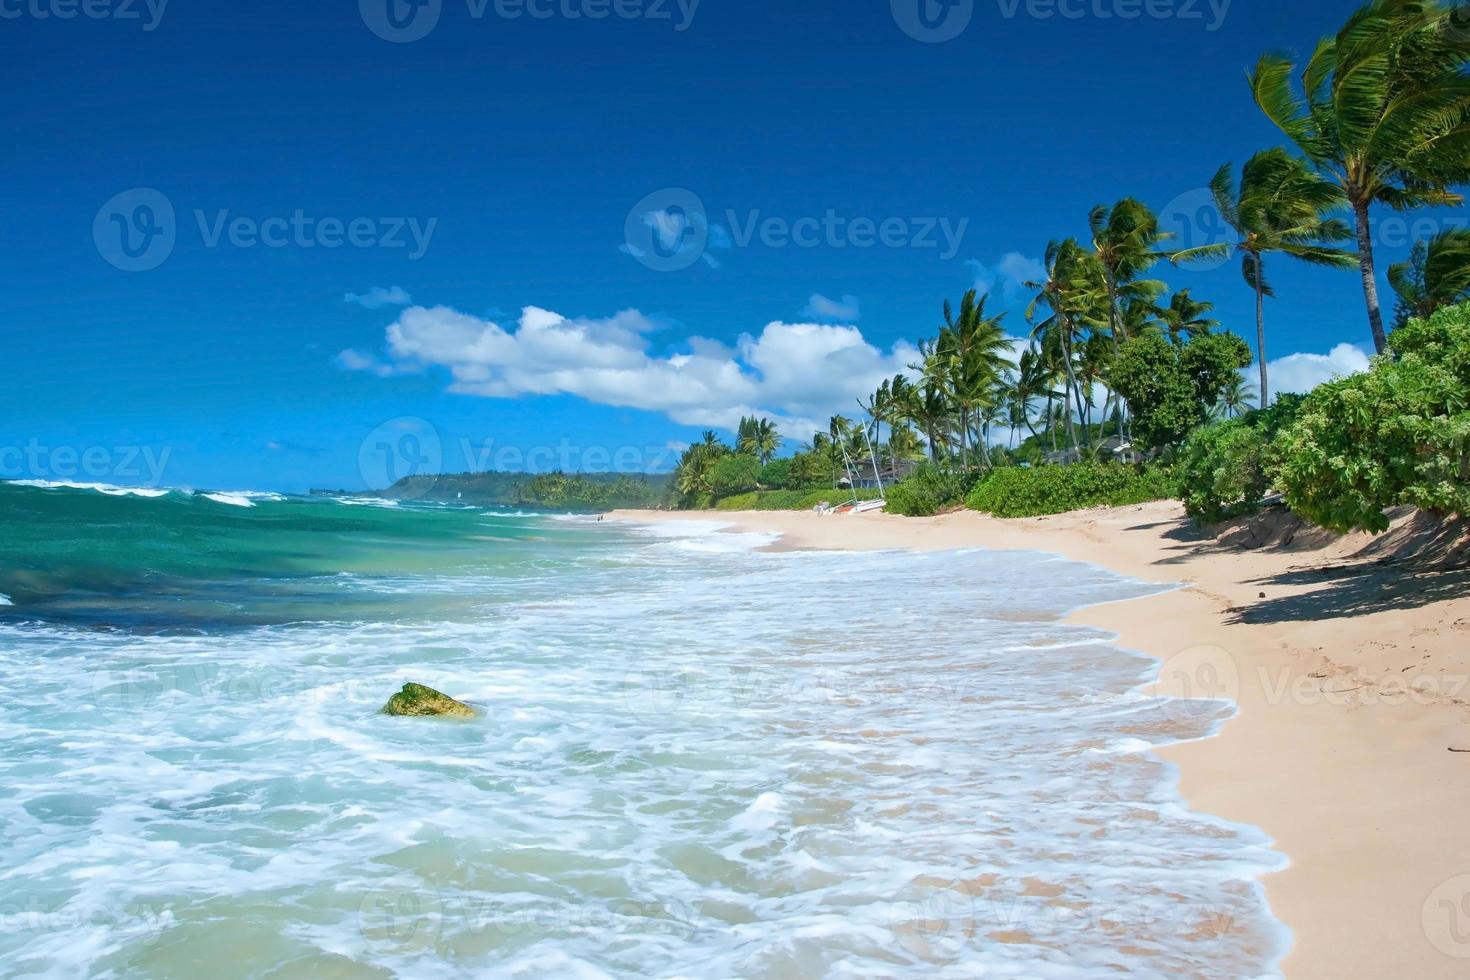 orörd sandstrand med palmer och azurblått hav foto